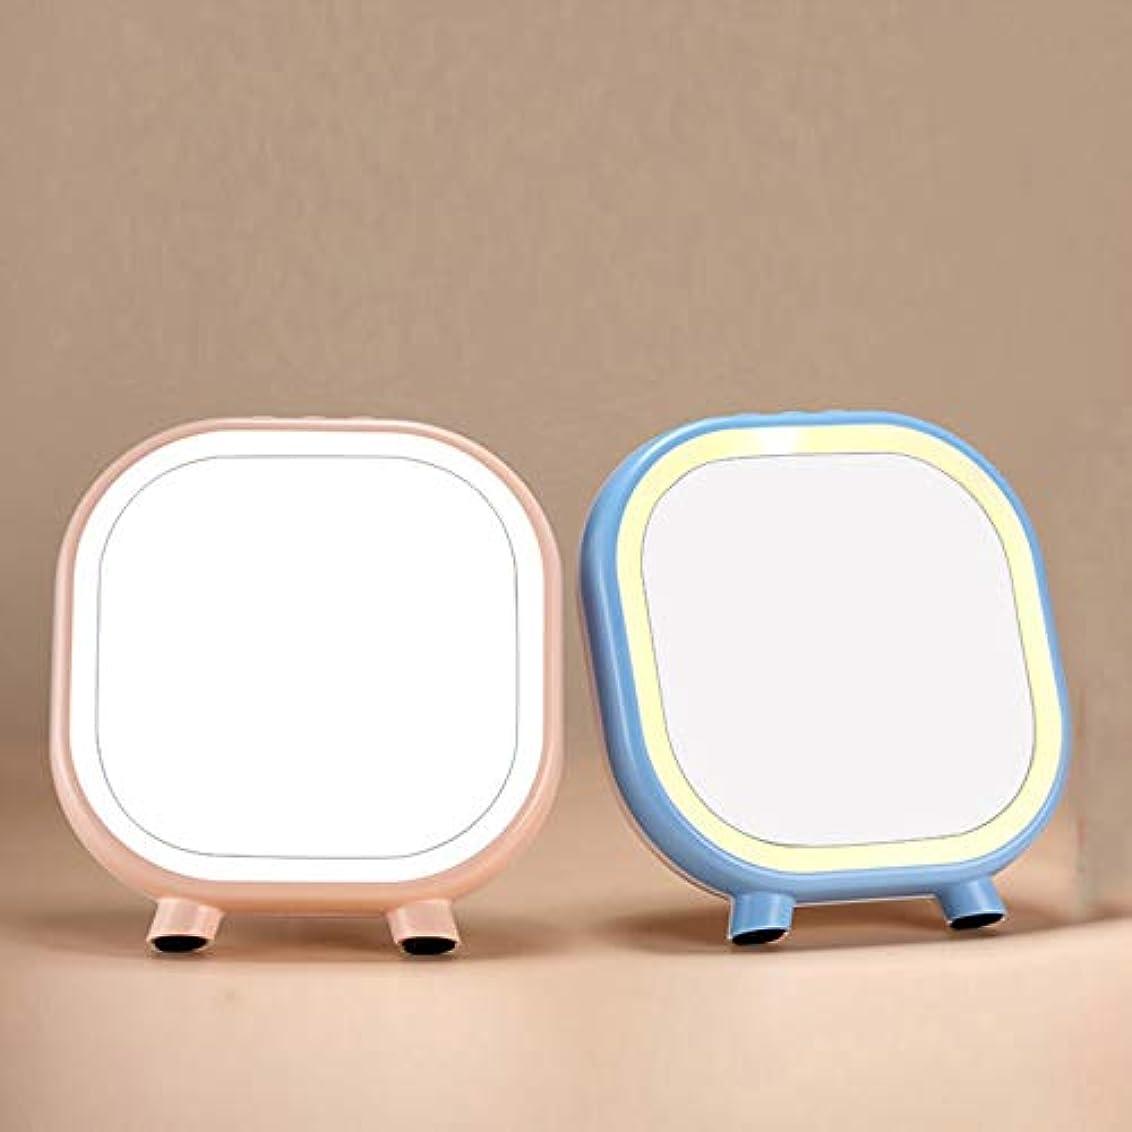 費やすナインへ遅れ流行の クリエイティブ新しいLED照明ブルートゥーススピーカー美容ミラー化粧鏡化粧鏡ABS材料2ブルーブルー (色 : Blue)